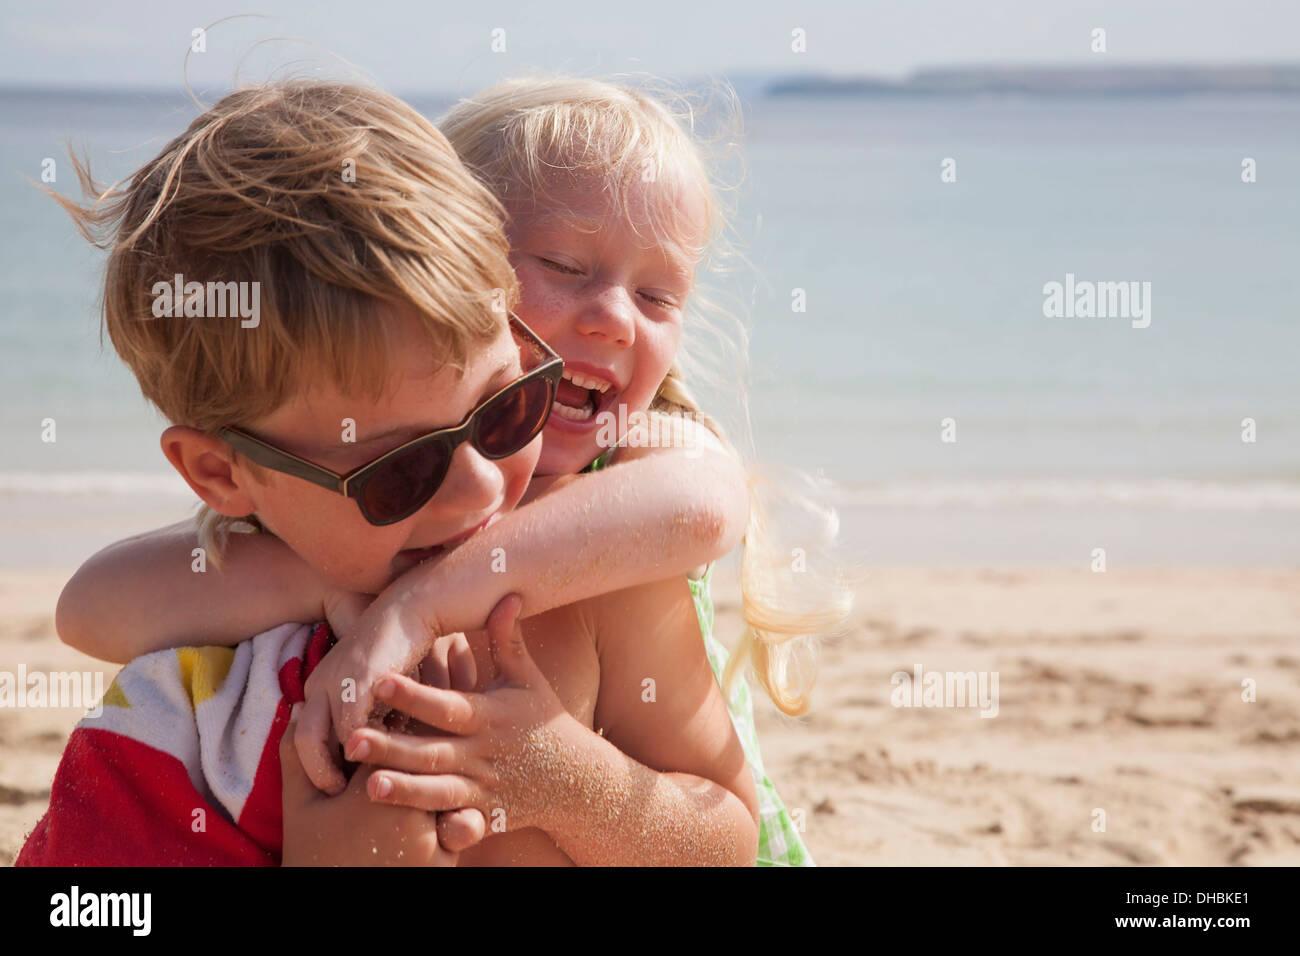 Un fratello e una sorella gioca combattimenti sulla spiaggia. Un ragazzo in occhiali da sole e una giovane ragazza con le braccia intorno al suo collo. Immagini Stock